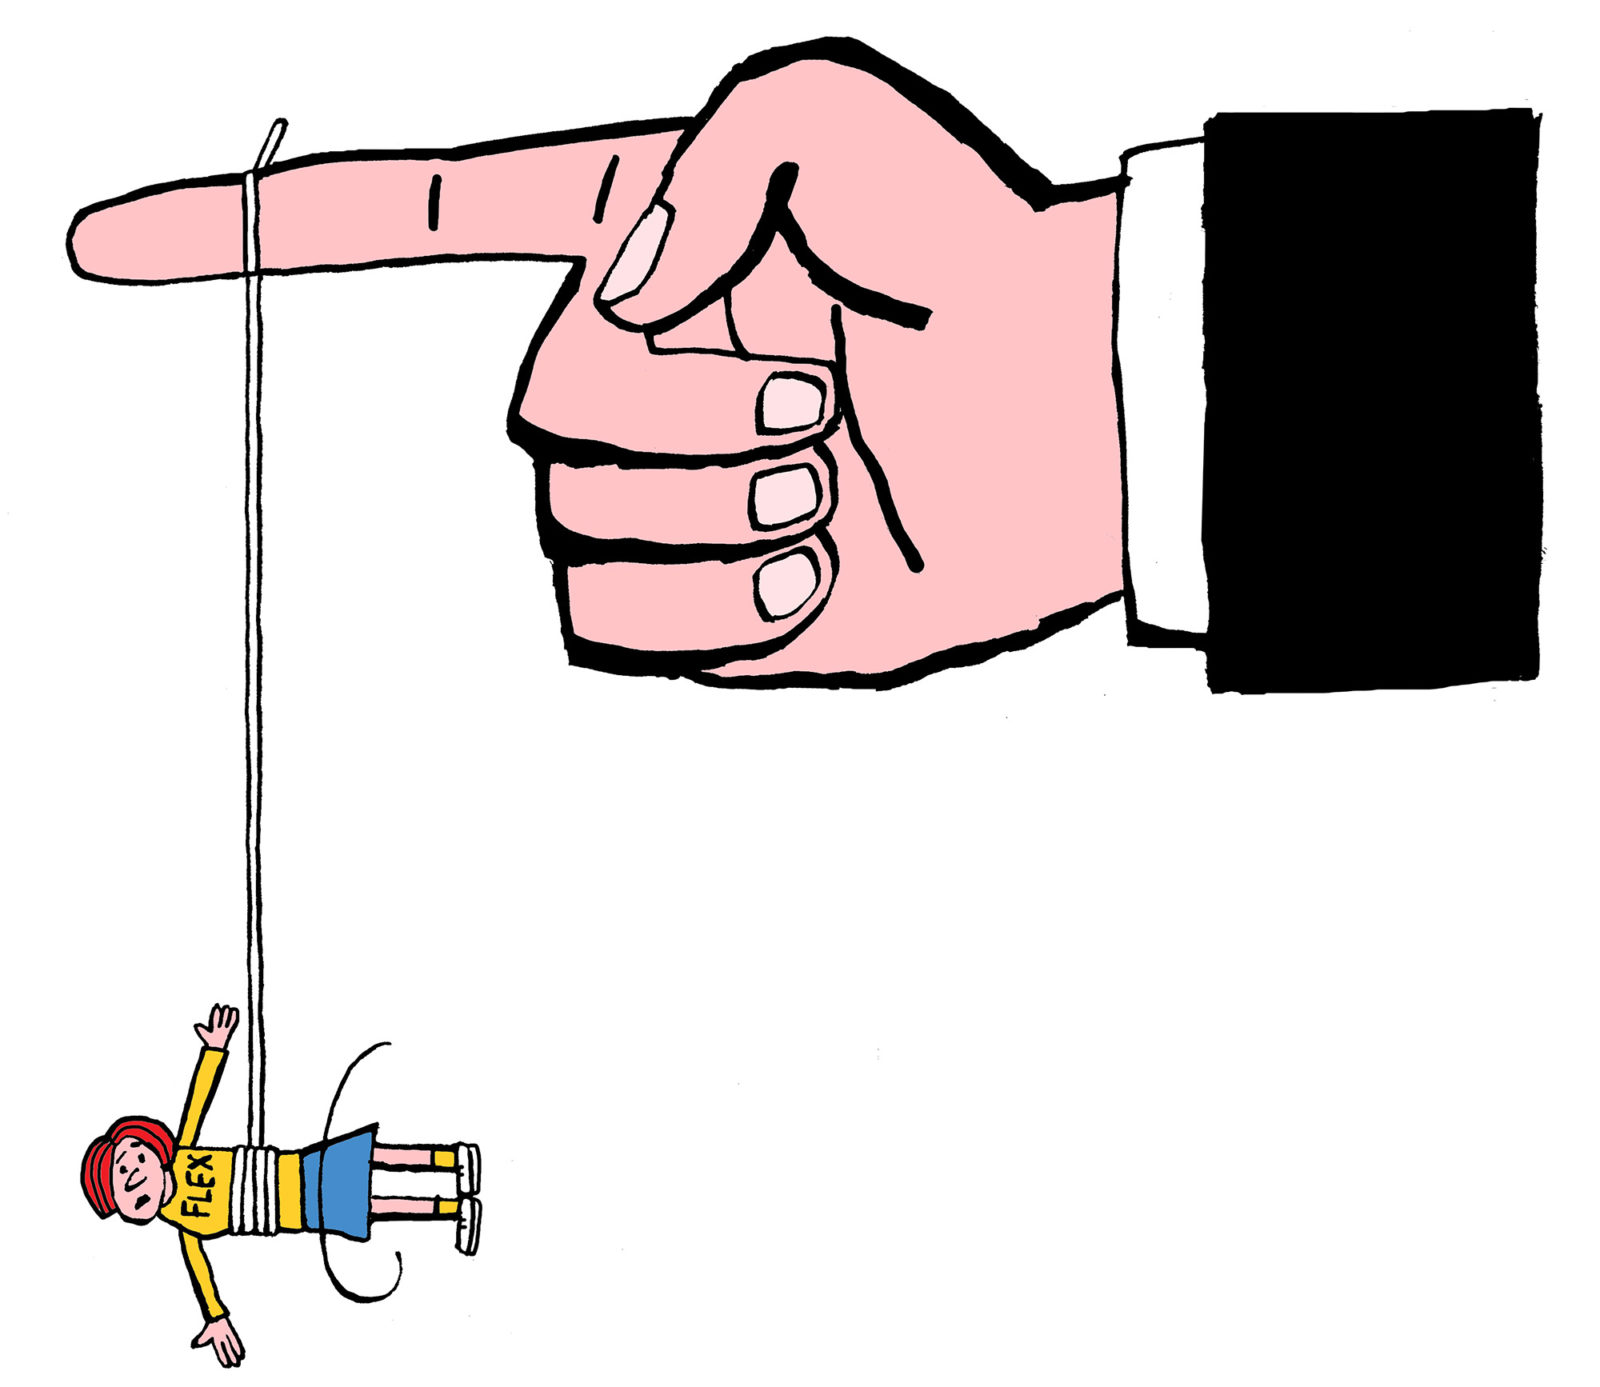 em-flex-touwtje-vinger-flexwerken-arbeidsvoorwaarden